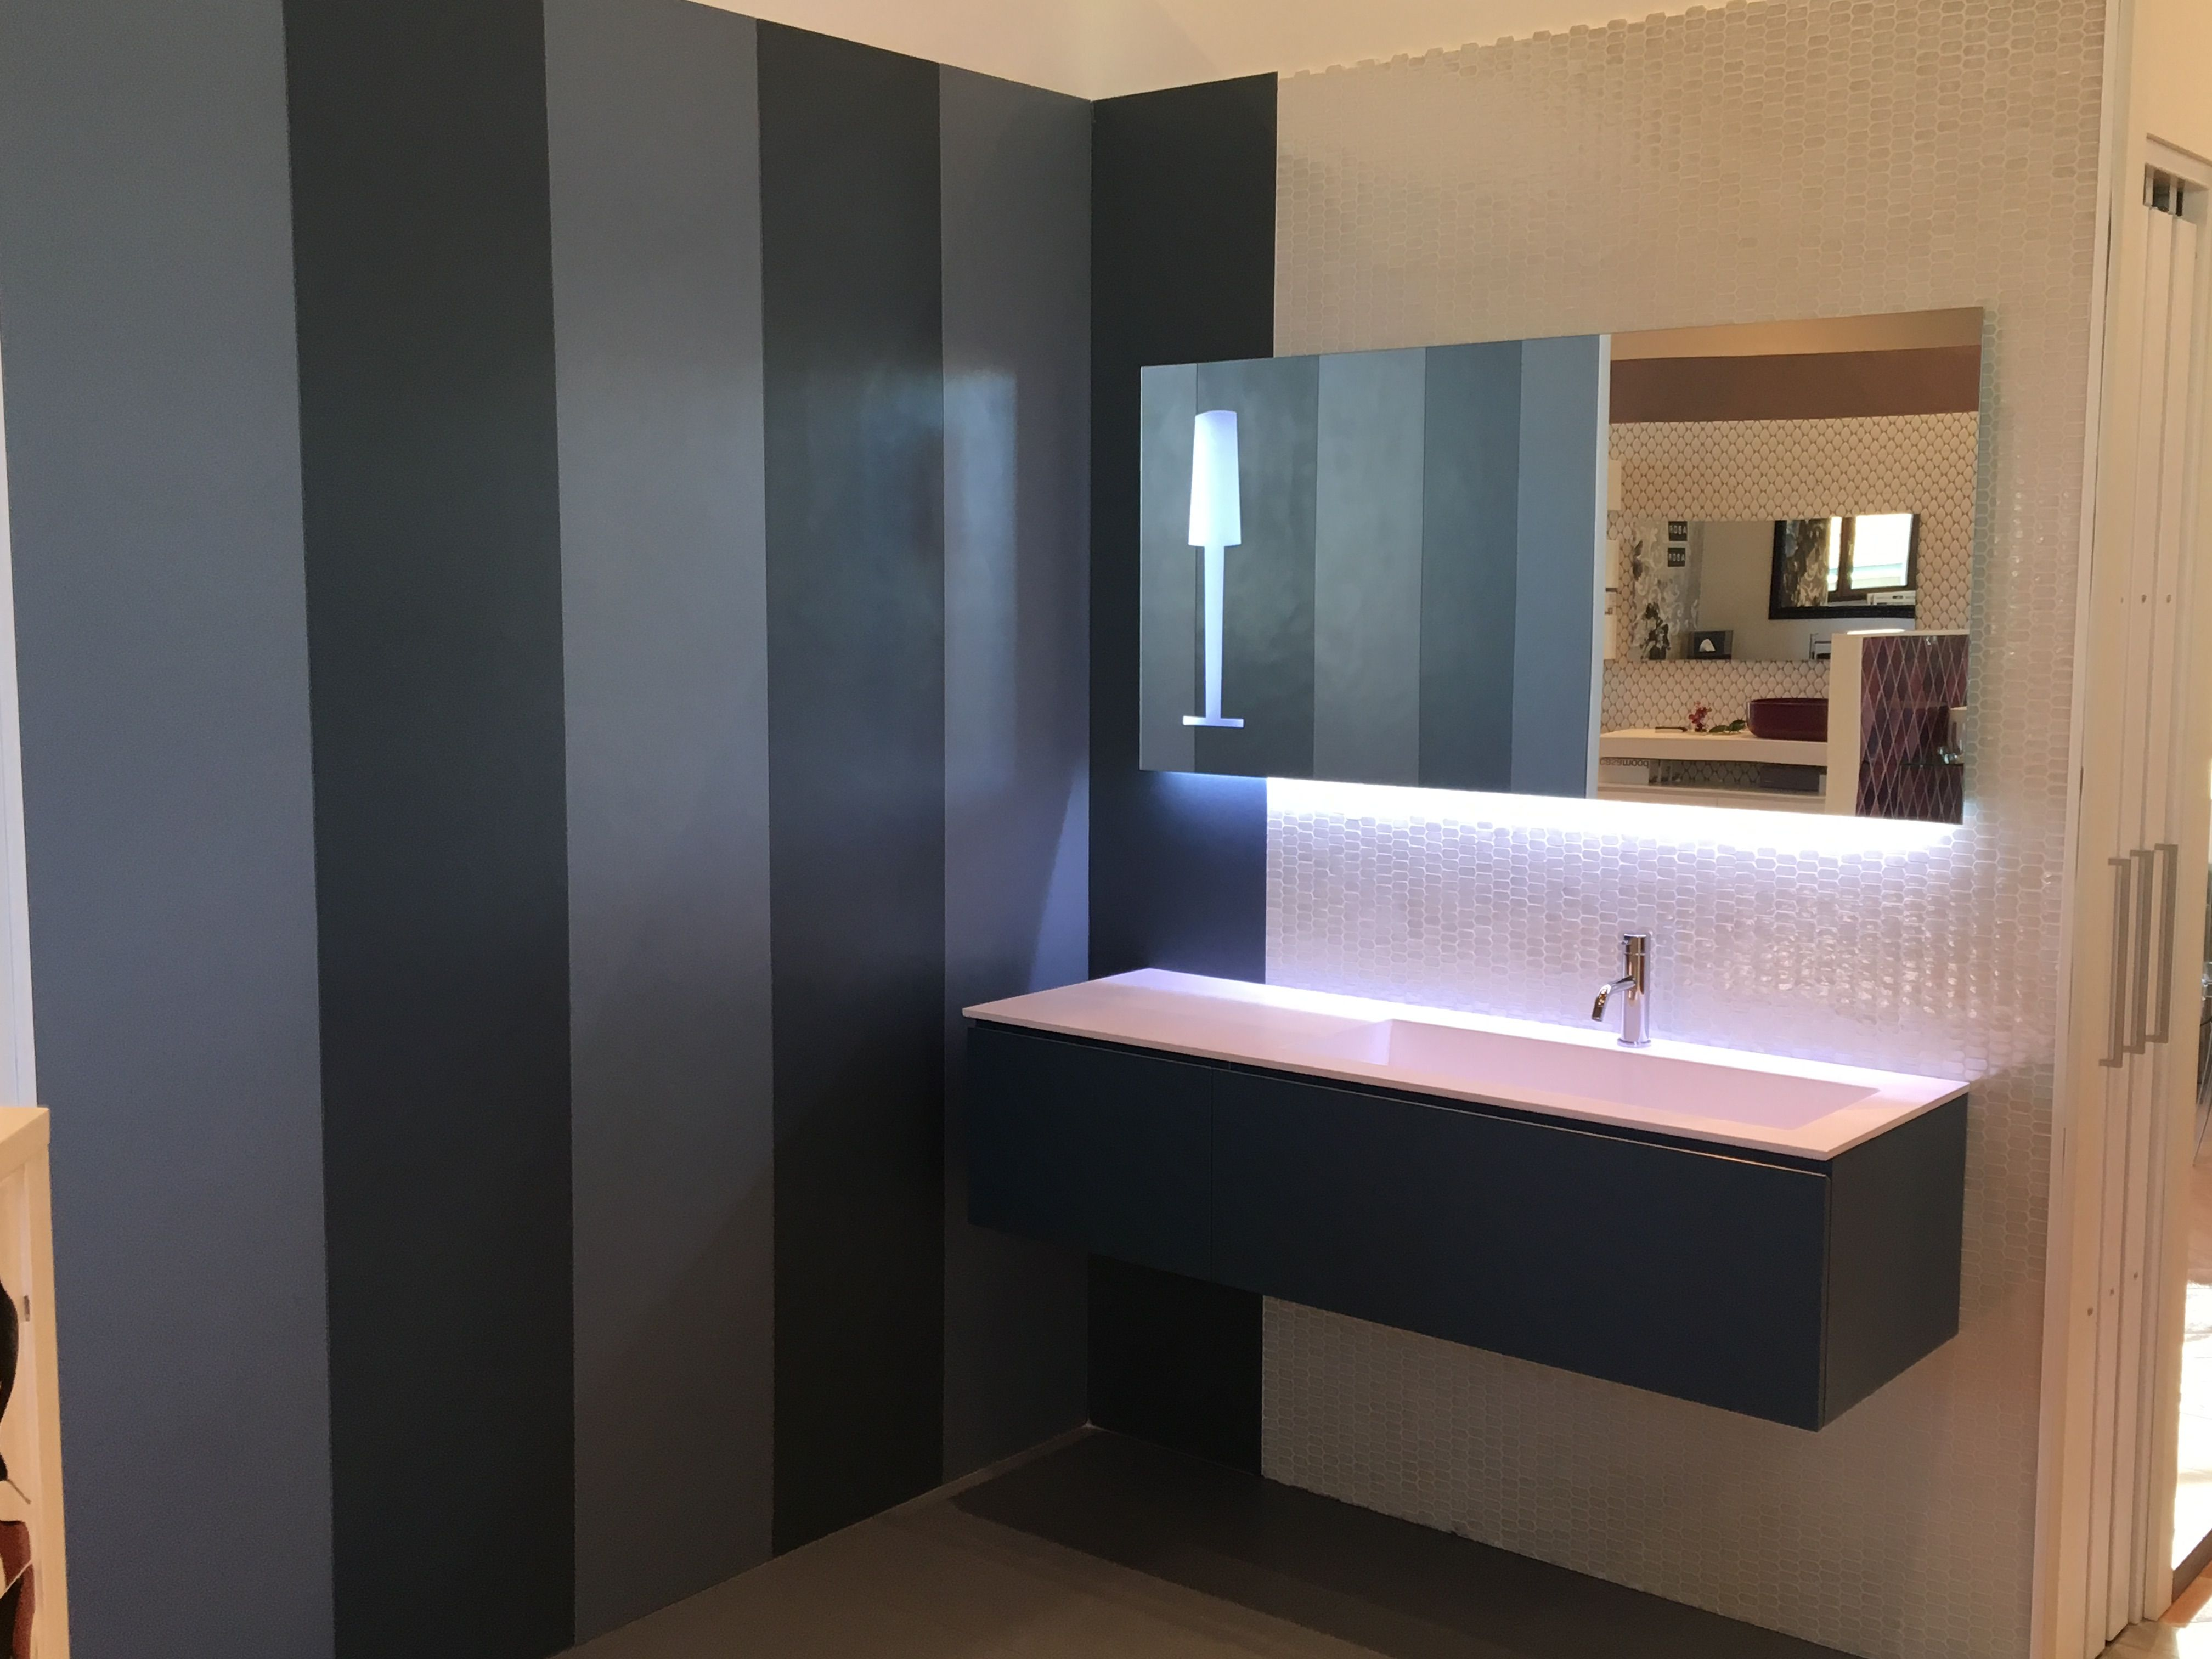 tda collezione precious serie ad sospesa h.35cm, con lavabo ... - Tda Arredo Bagno